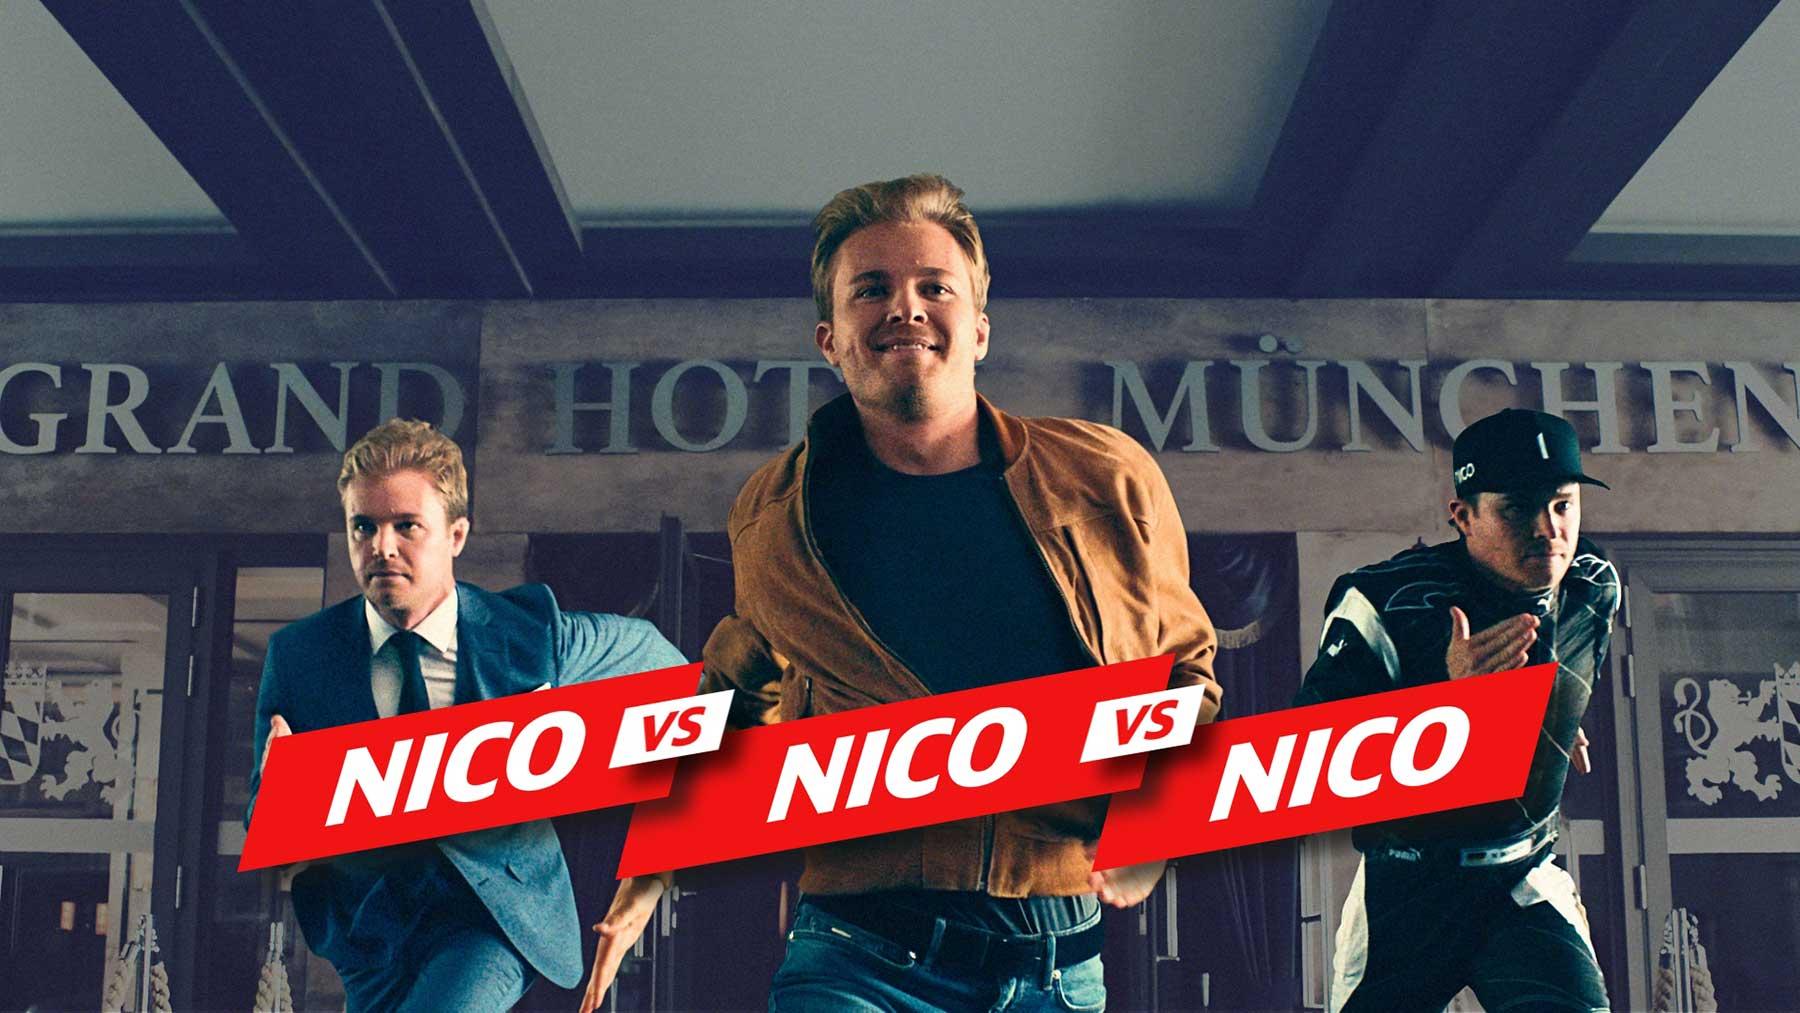 Nico Rosberg im Wettrennen gegen sich selbst nico-vs-nico-vs-nico-deutsche-bahn_01